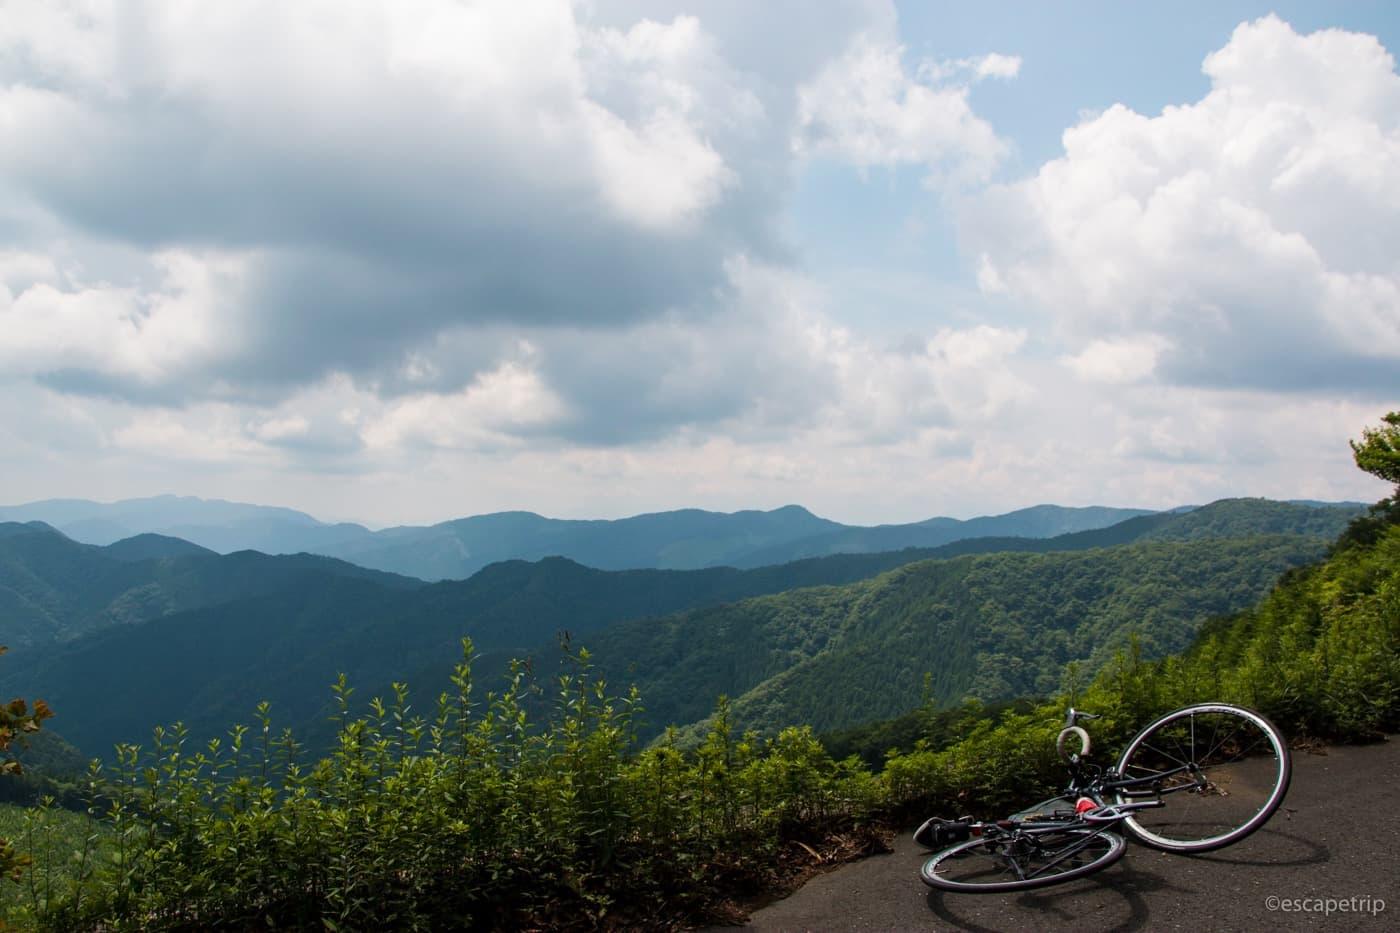 風張林道の頂上の景色